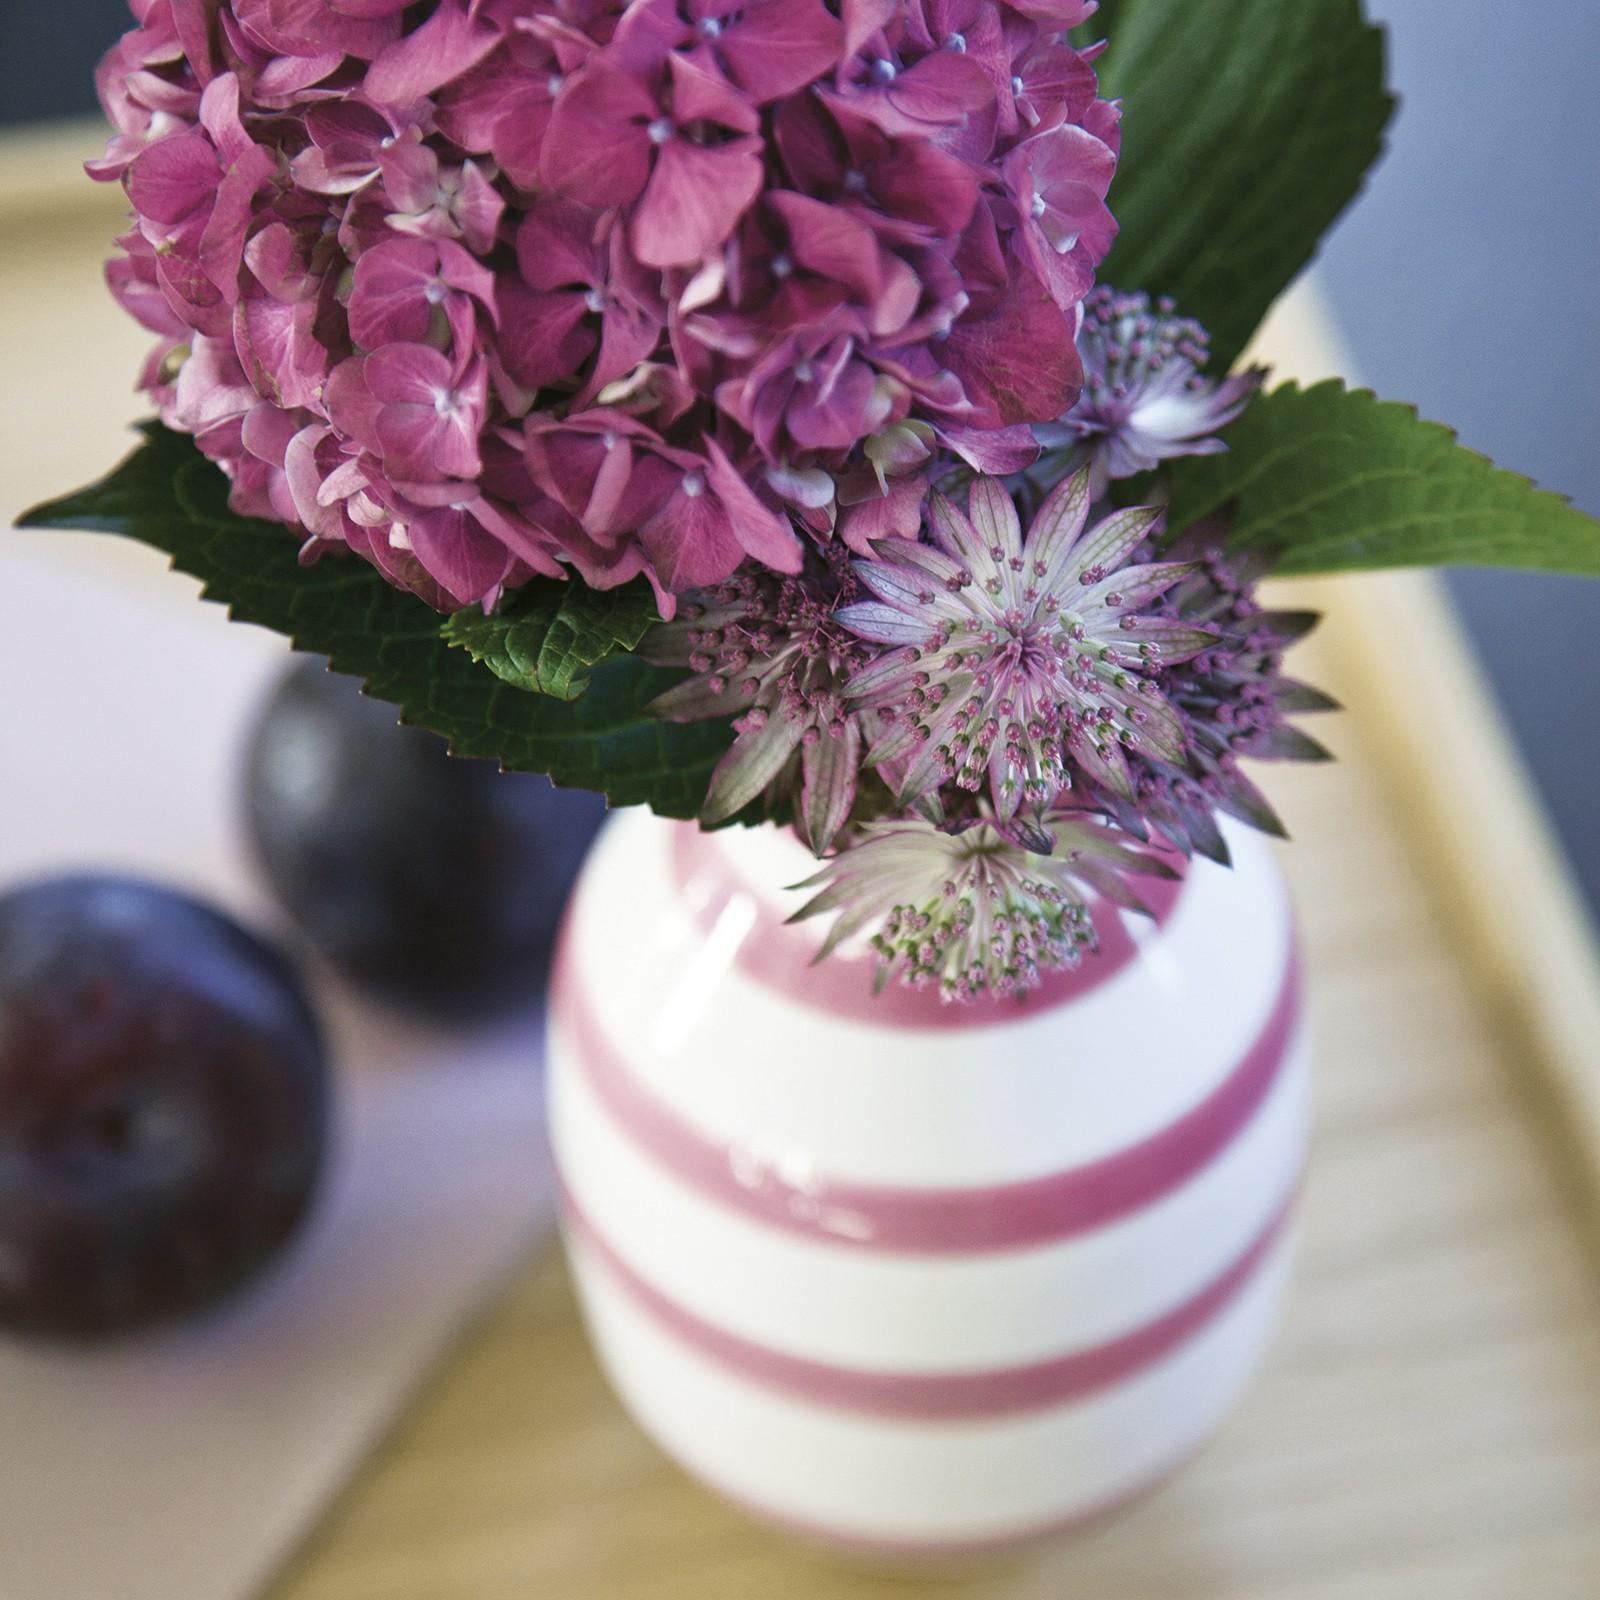 omaggio-vase-rosa-lille-2